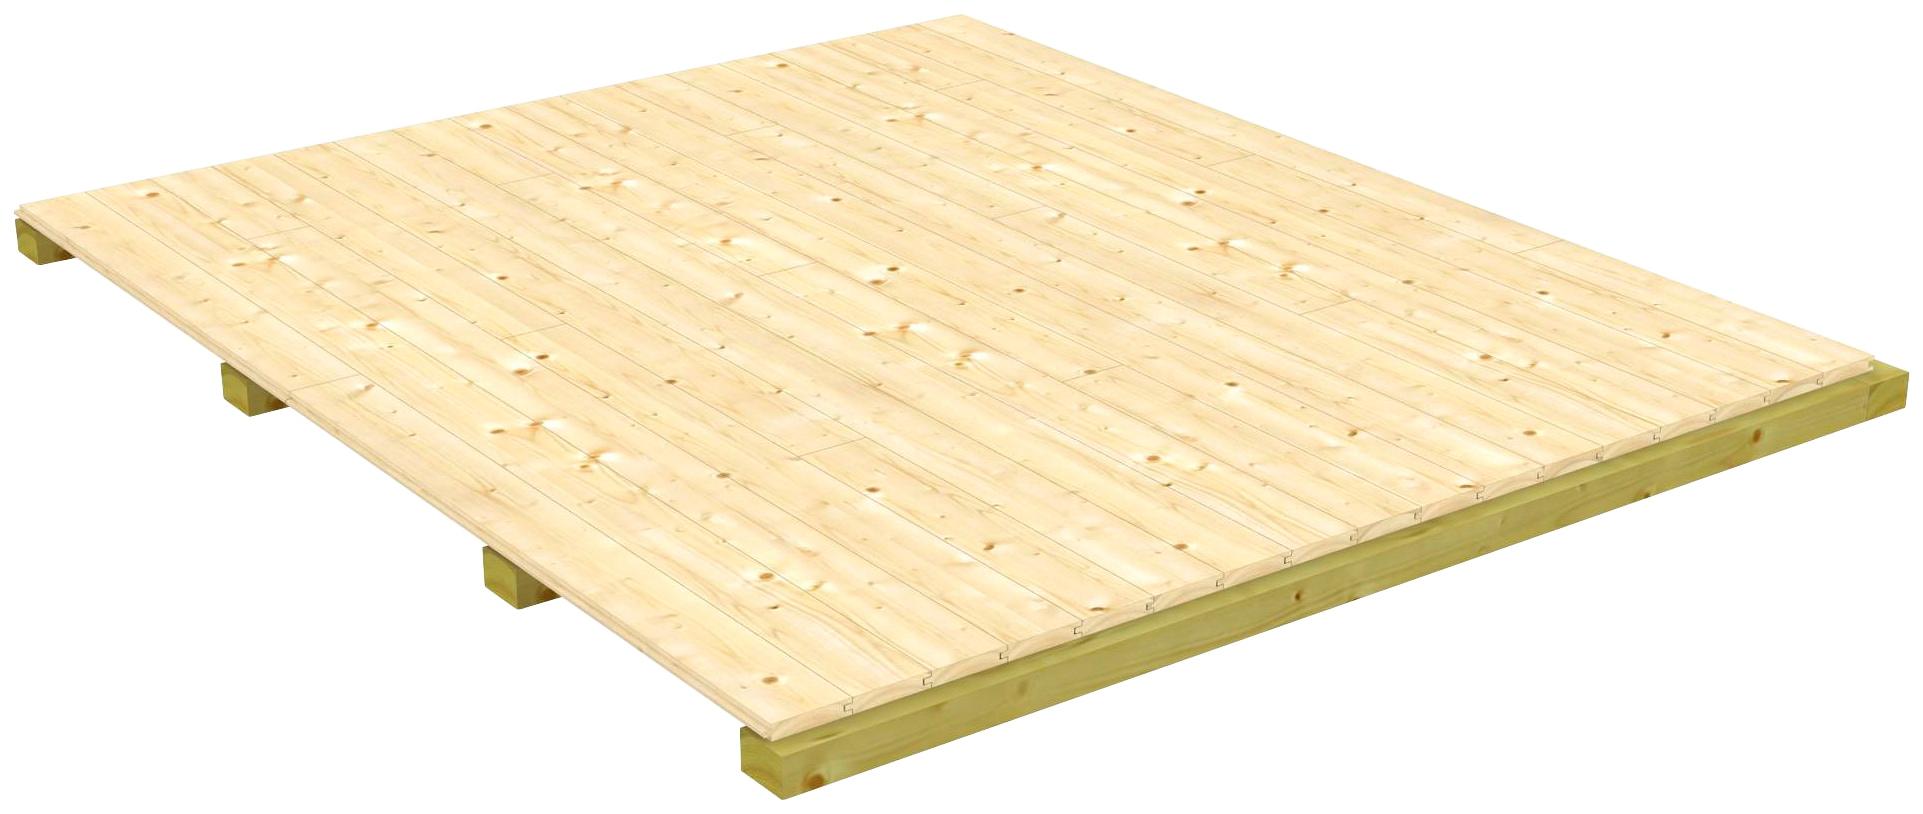 Fußboden für Gartenhäuser »Axel 230«, BxT: 477x227 cm günstig online kaufen